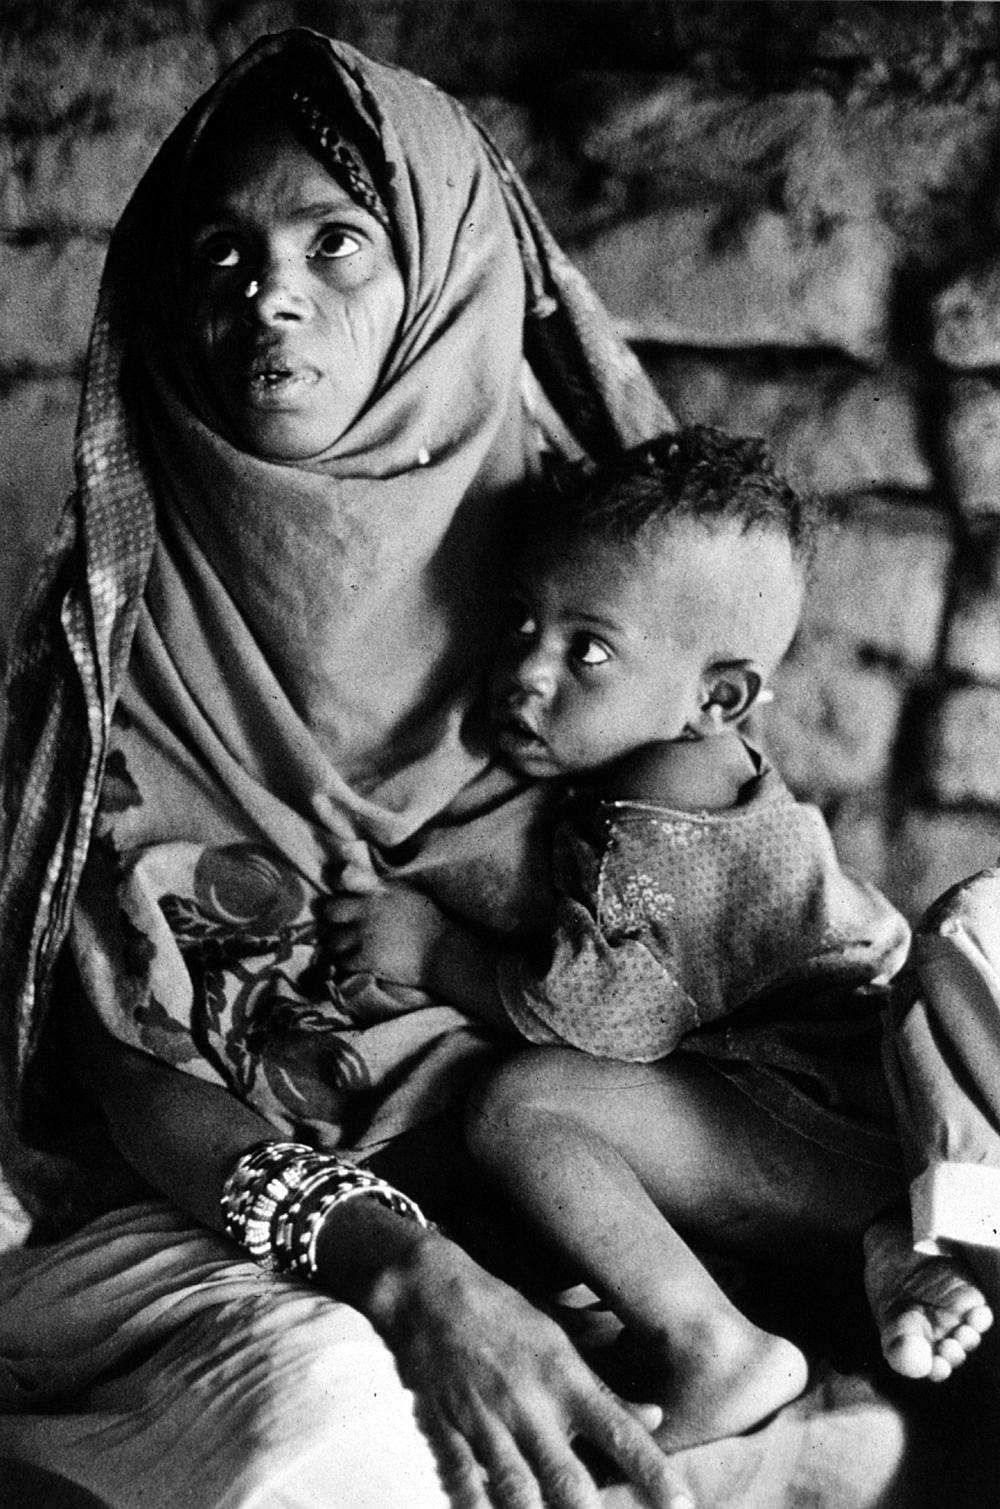 Eritrean refugees, Khashm el Girba, Sudan.